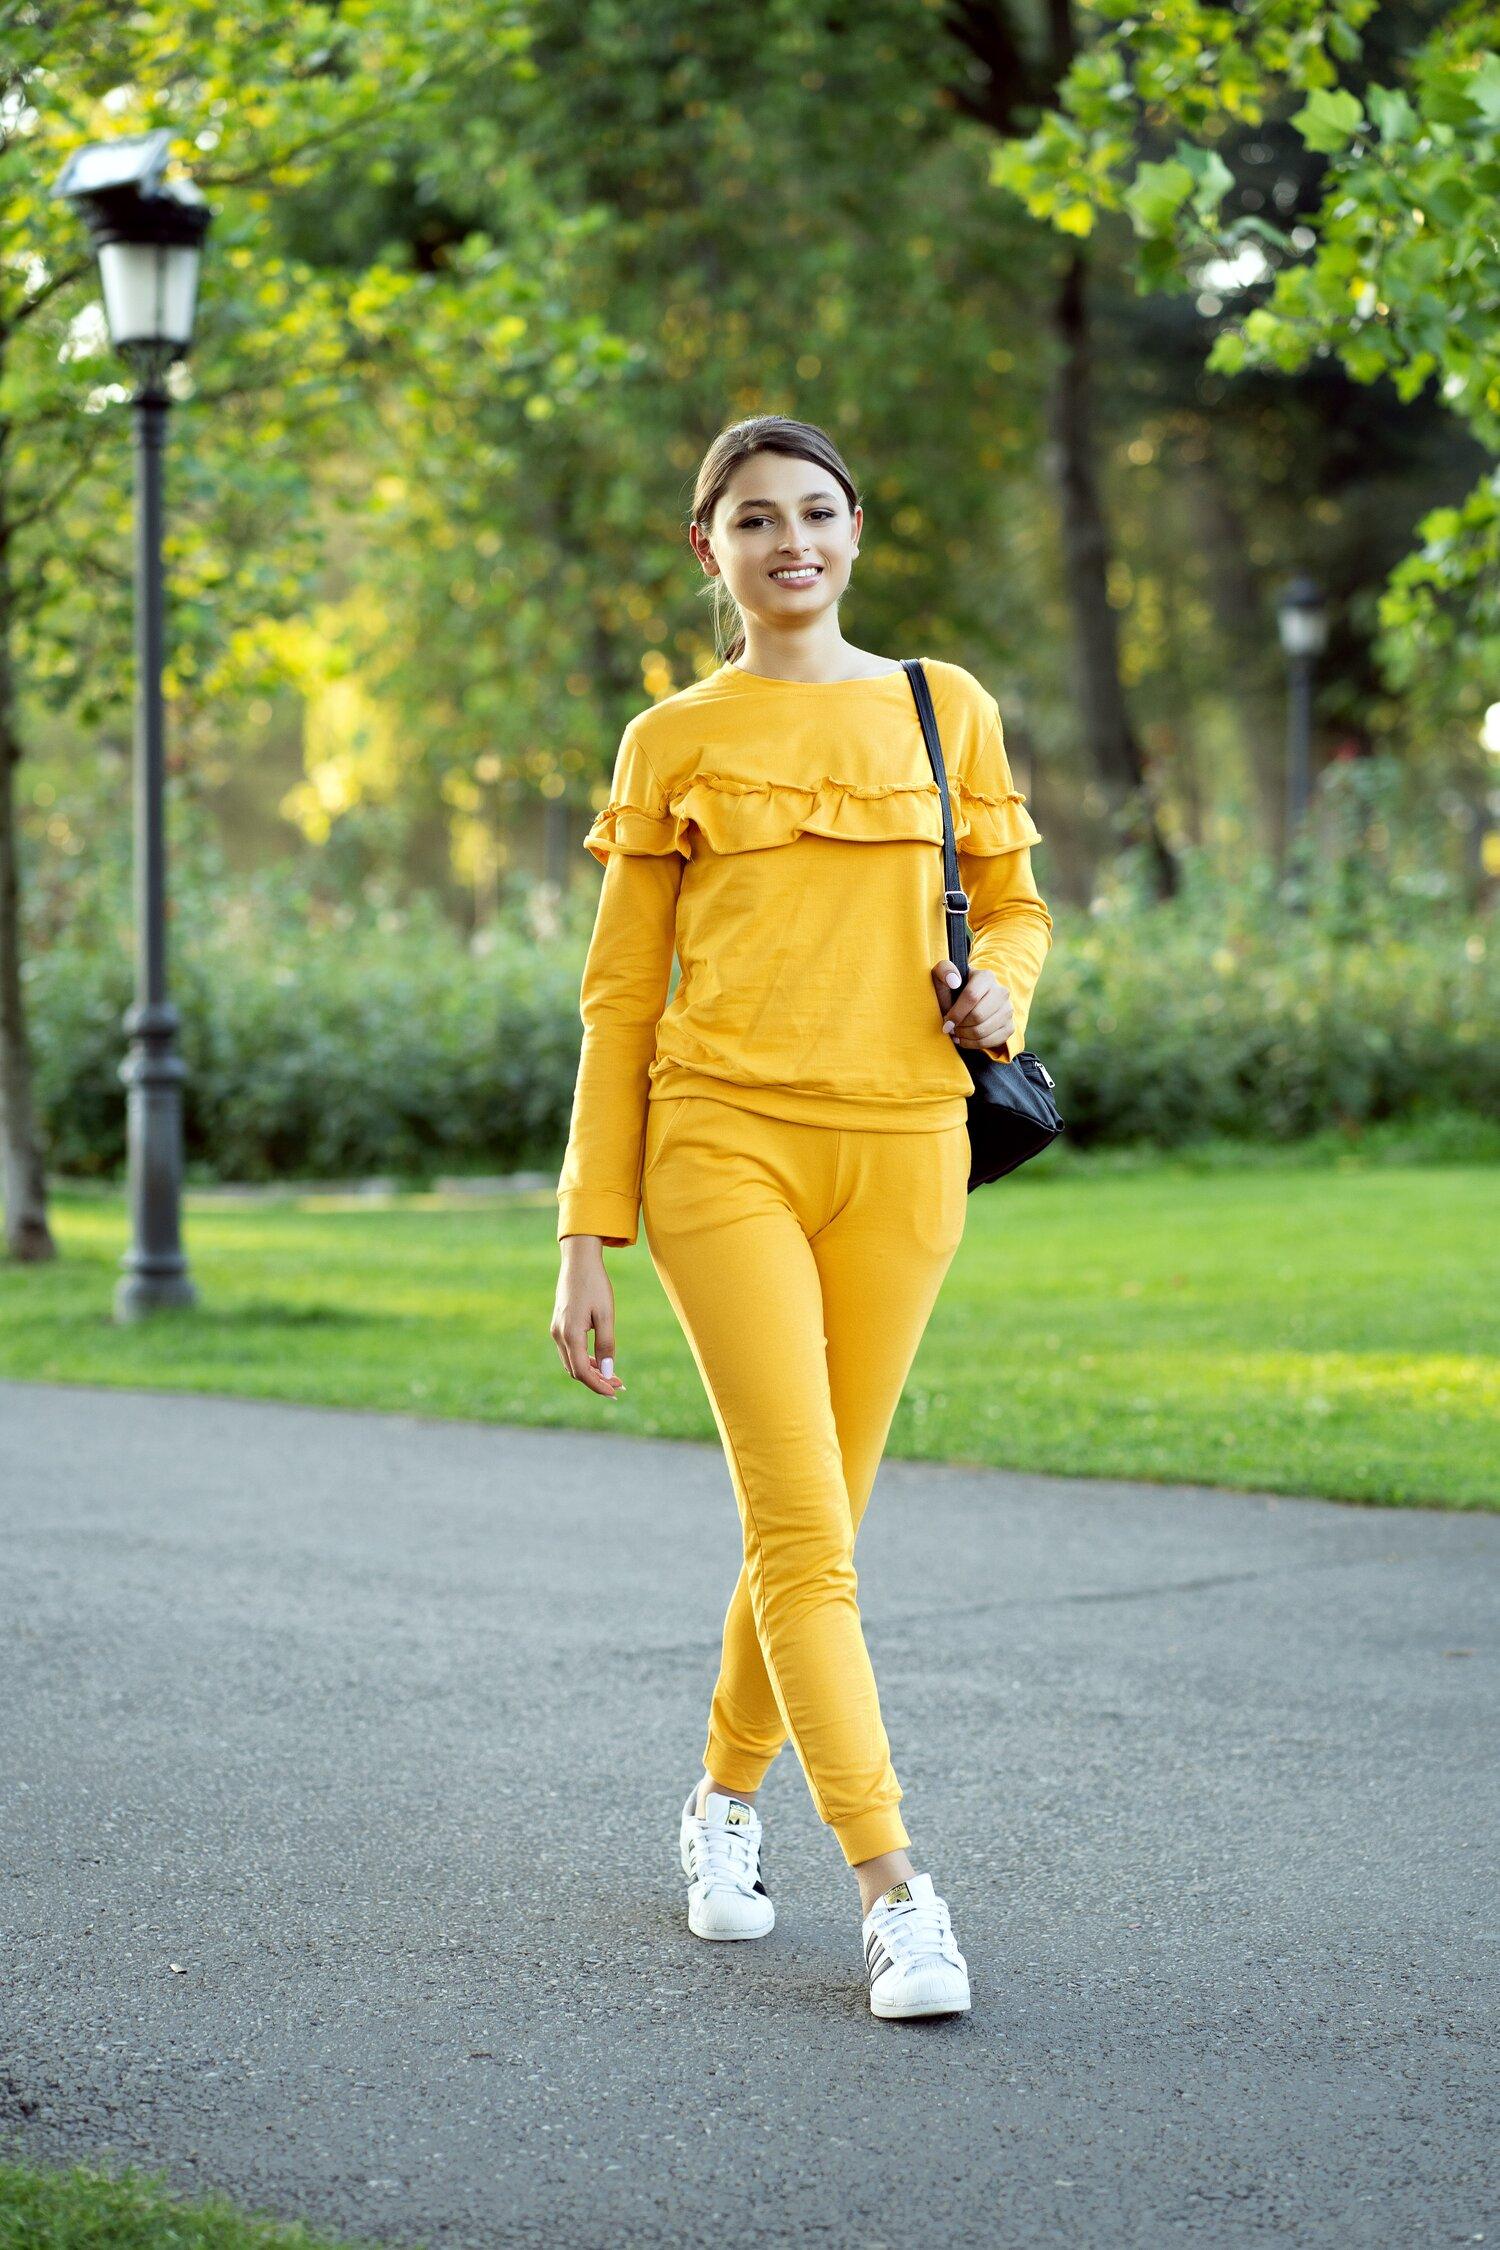 Compleu sport galben mustar din doua piese cu volane pe bluza imagine